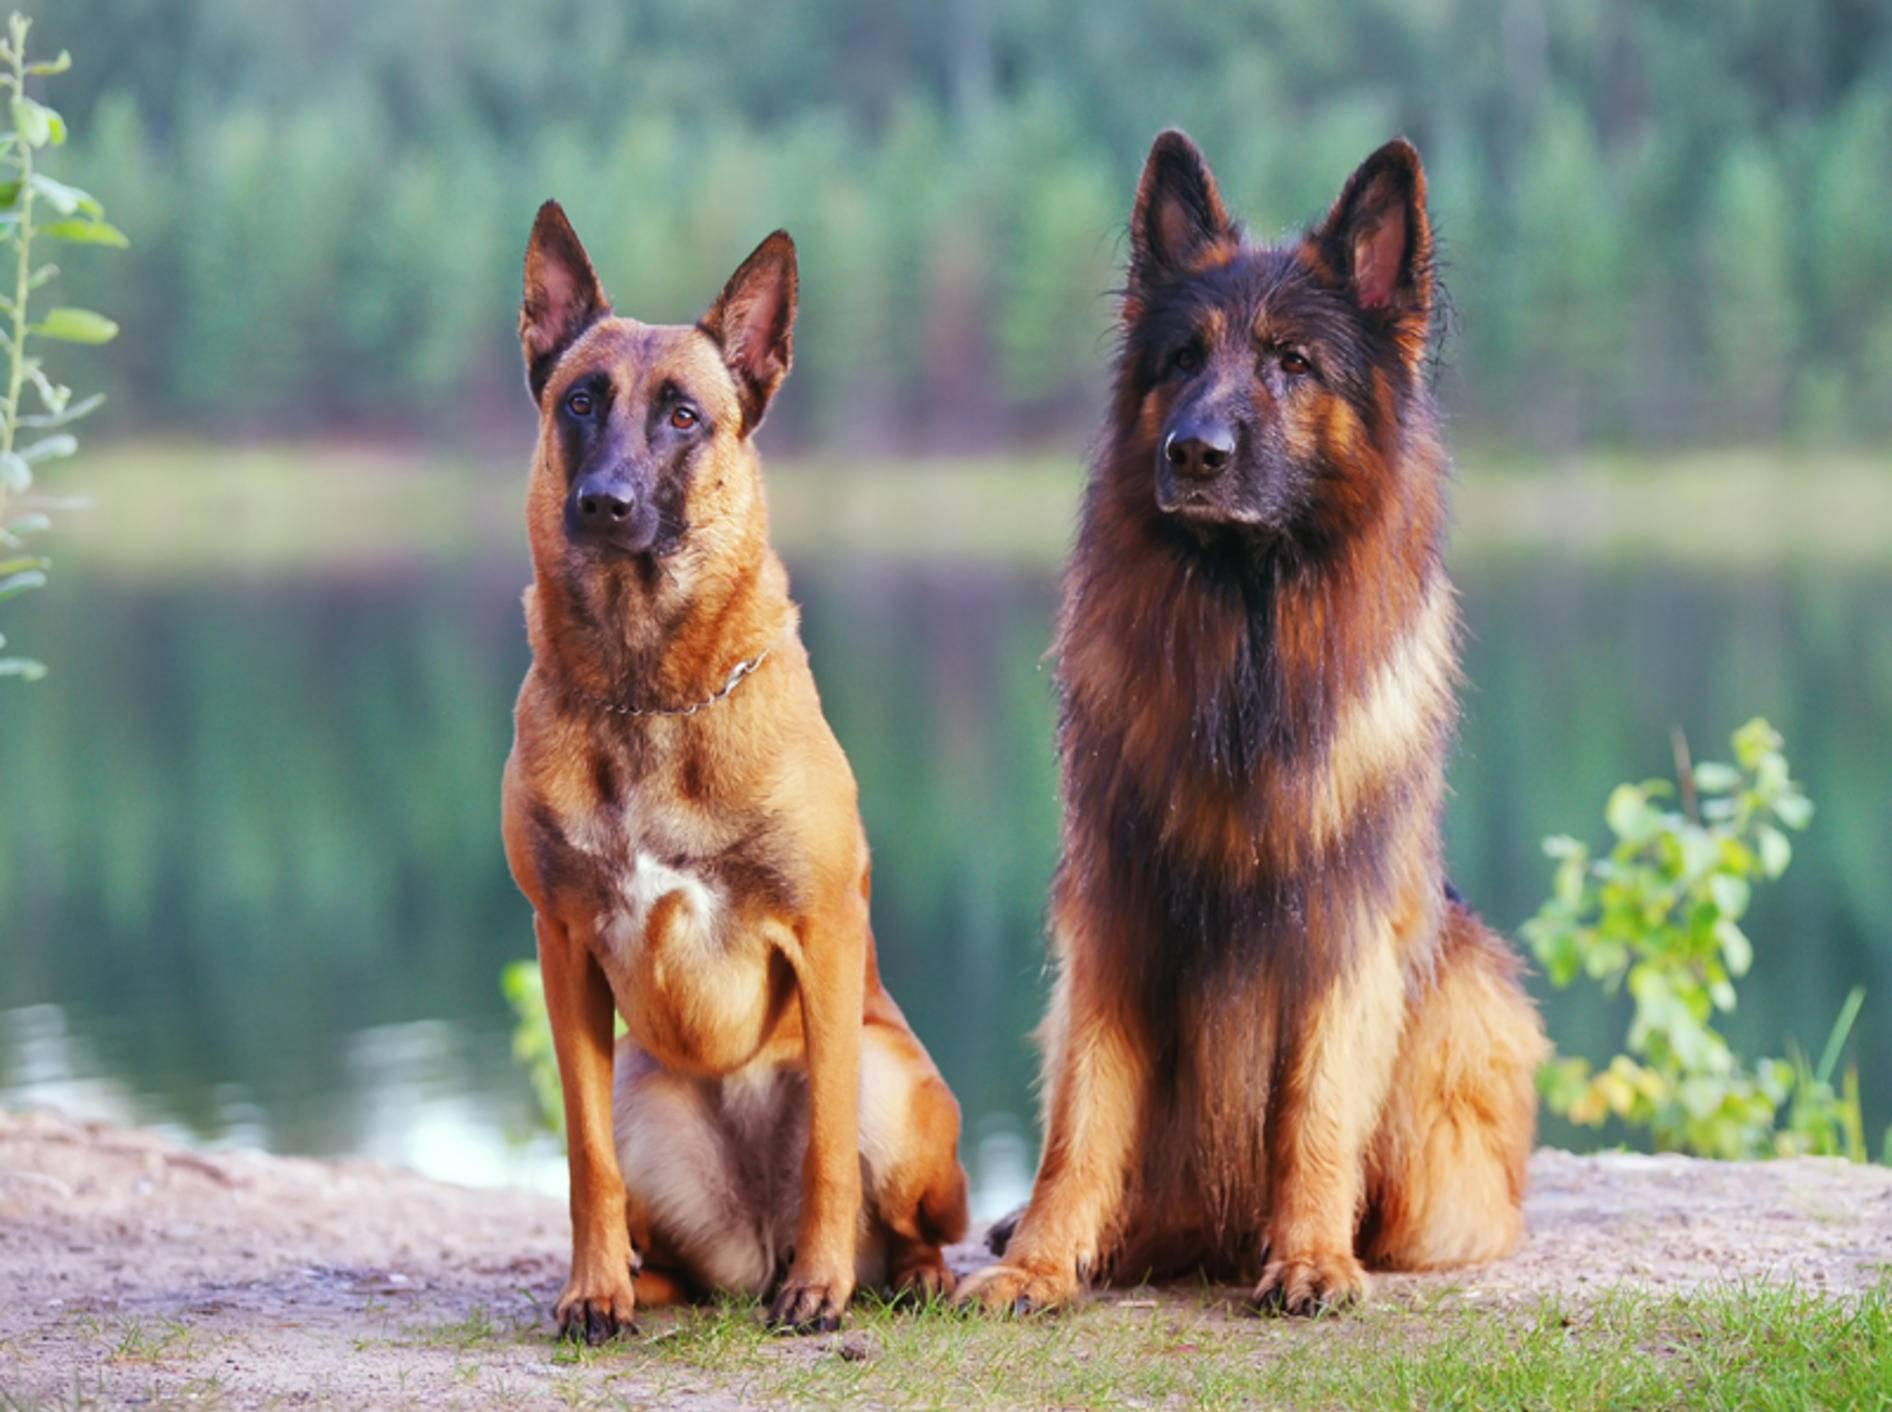 Links im Bild ist ein Malinois (Belgischer Schäferhund) zu sehen, rechts im Bild ein langhaariger Deutscher Schäferhund – Shutterstock / Eudyptula